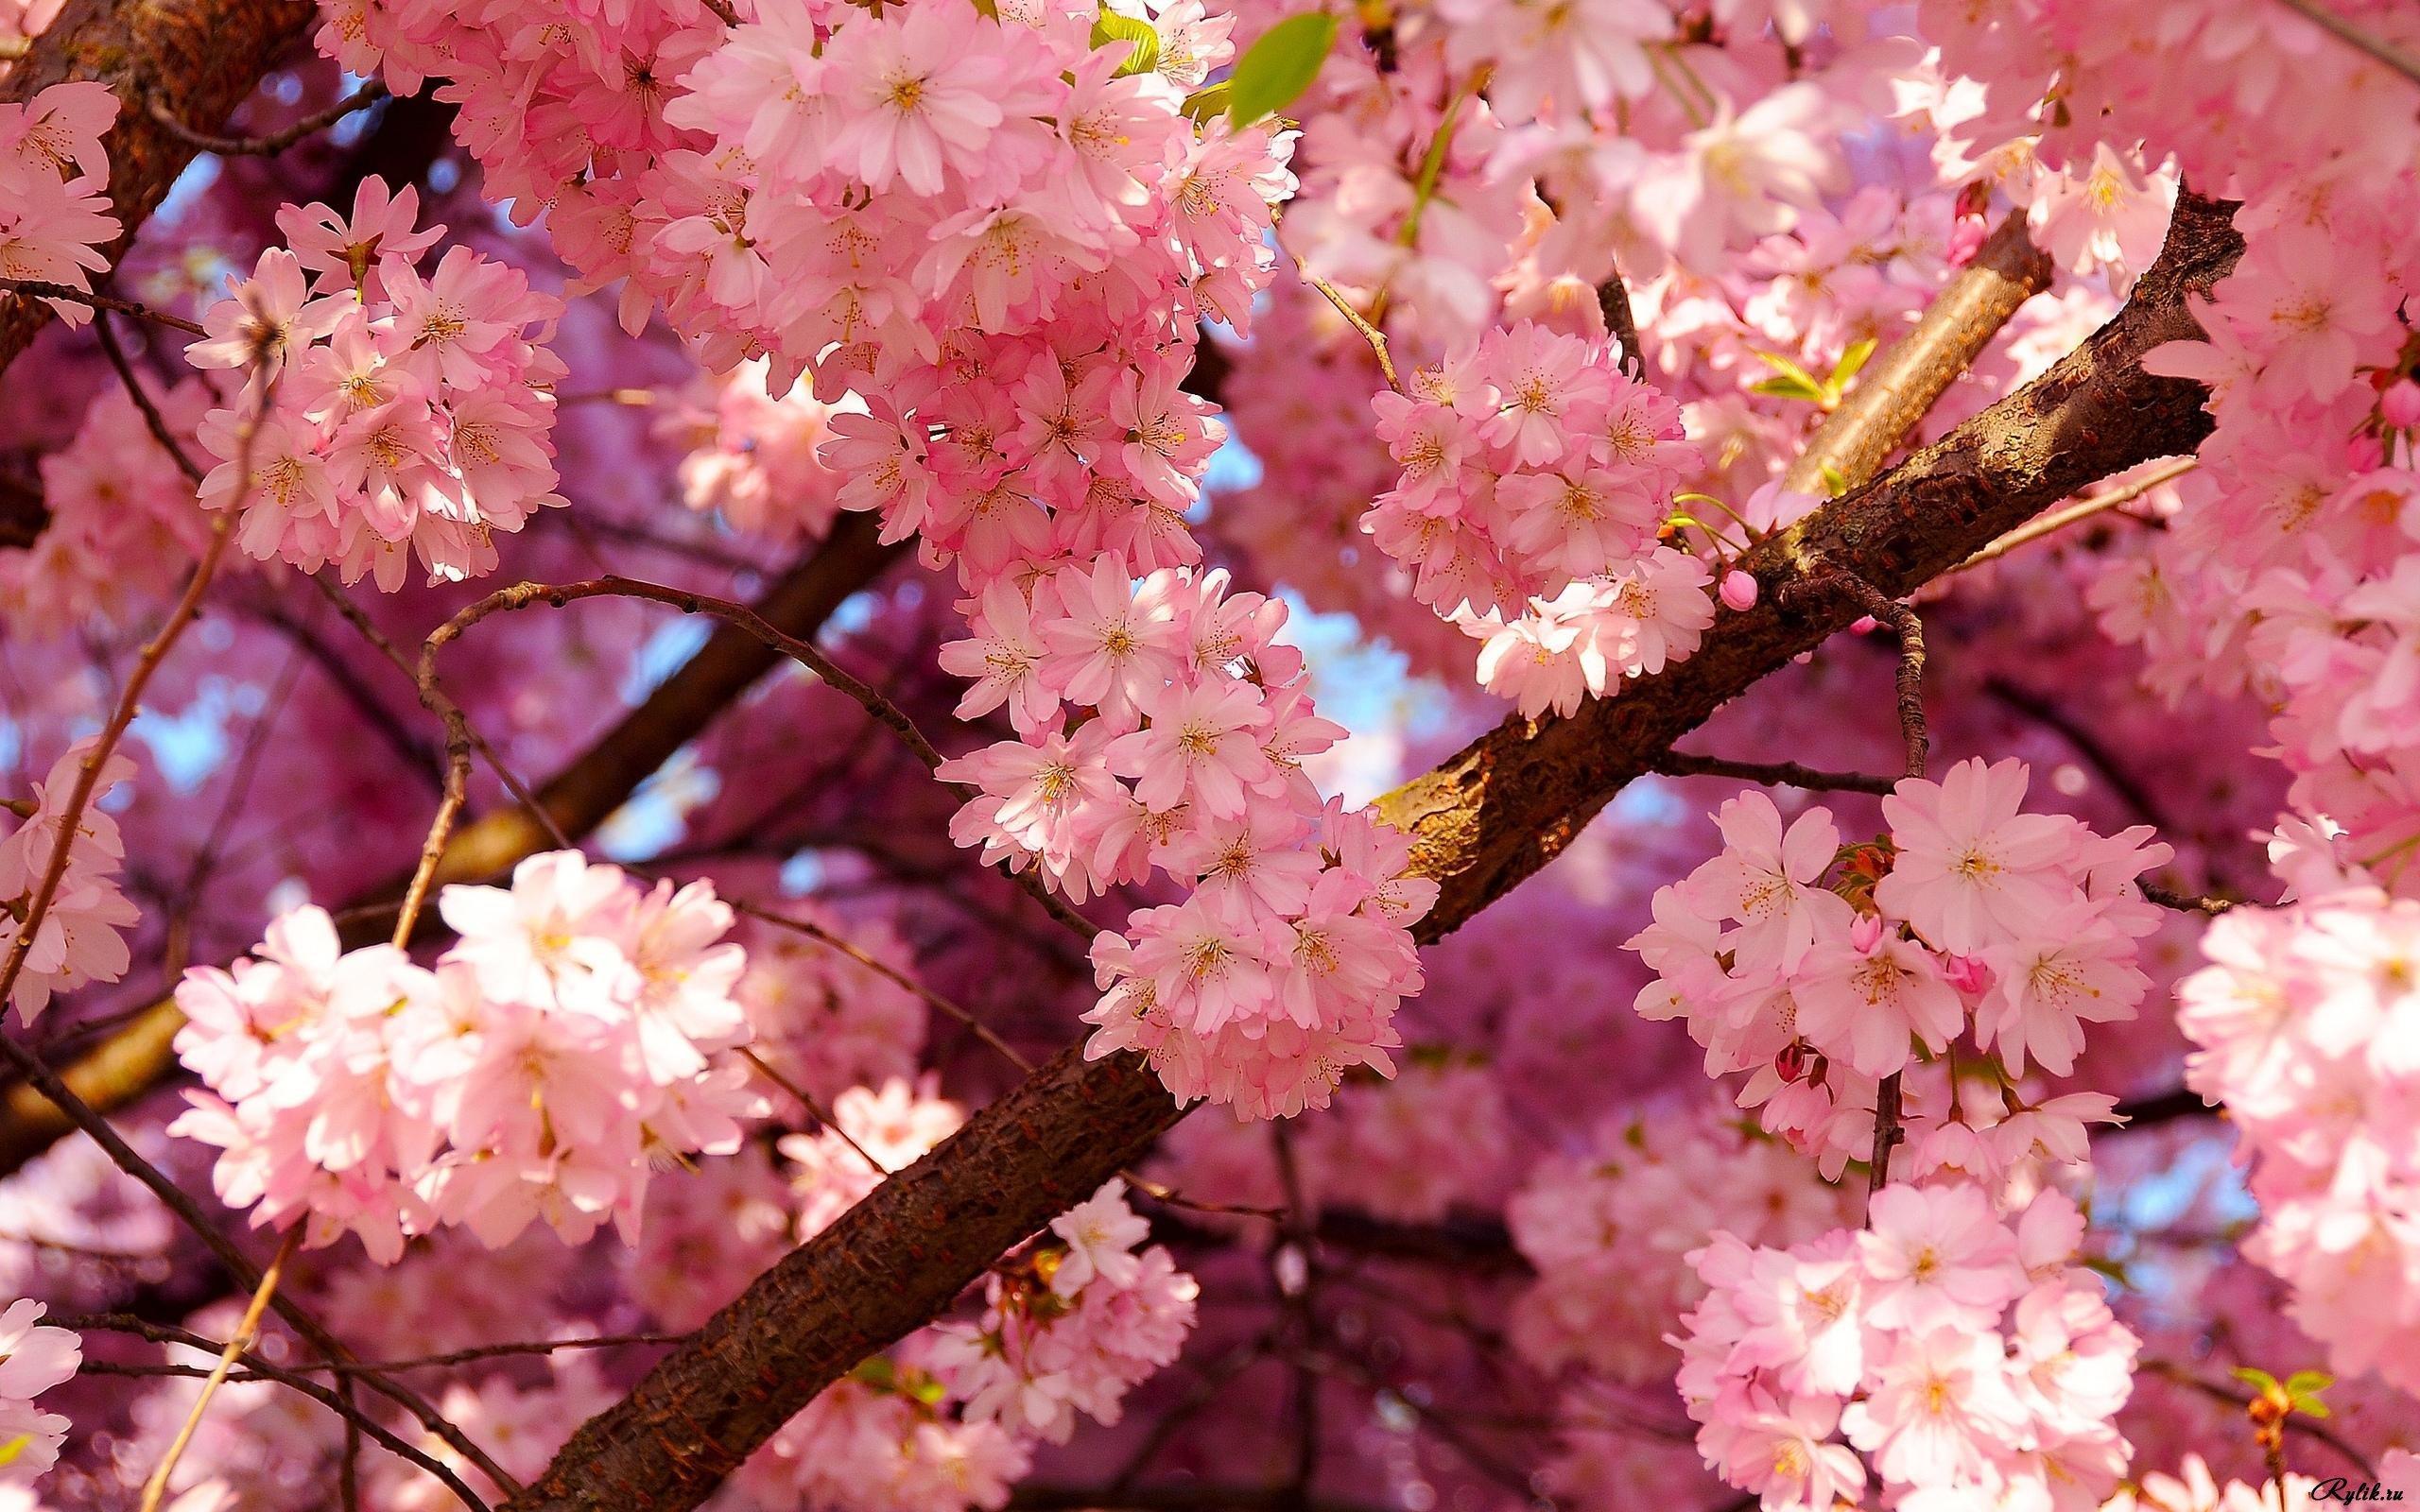 чем уникальность весна классные фото владивостоке протяжении